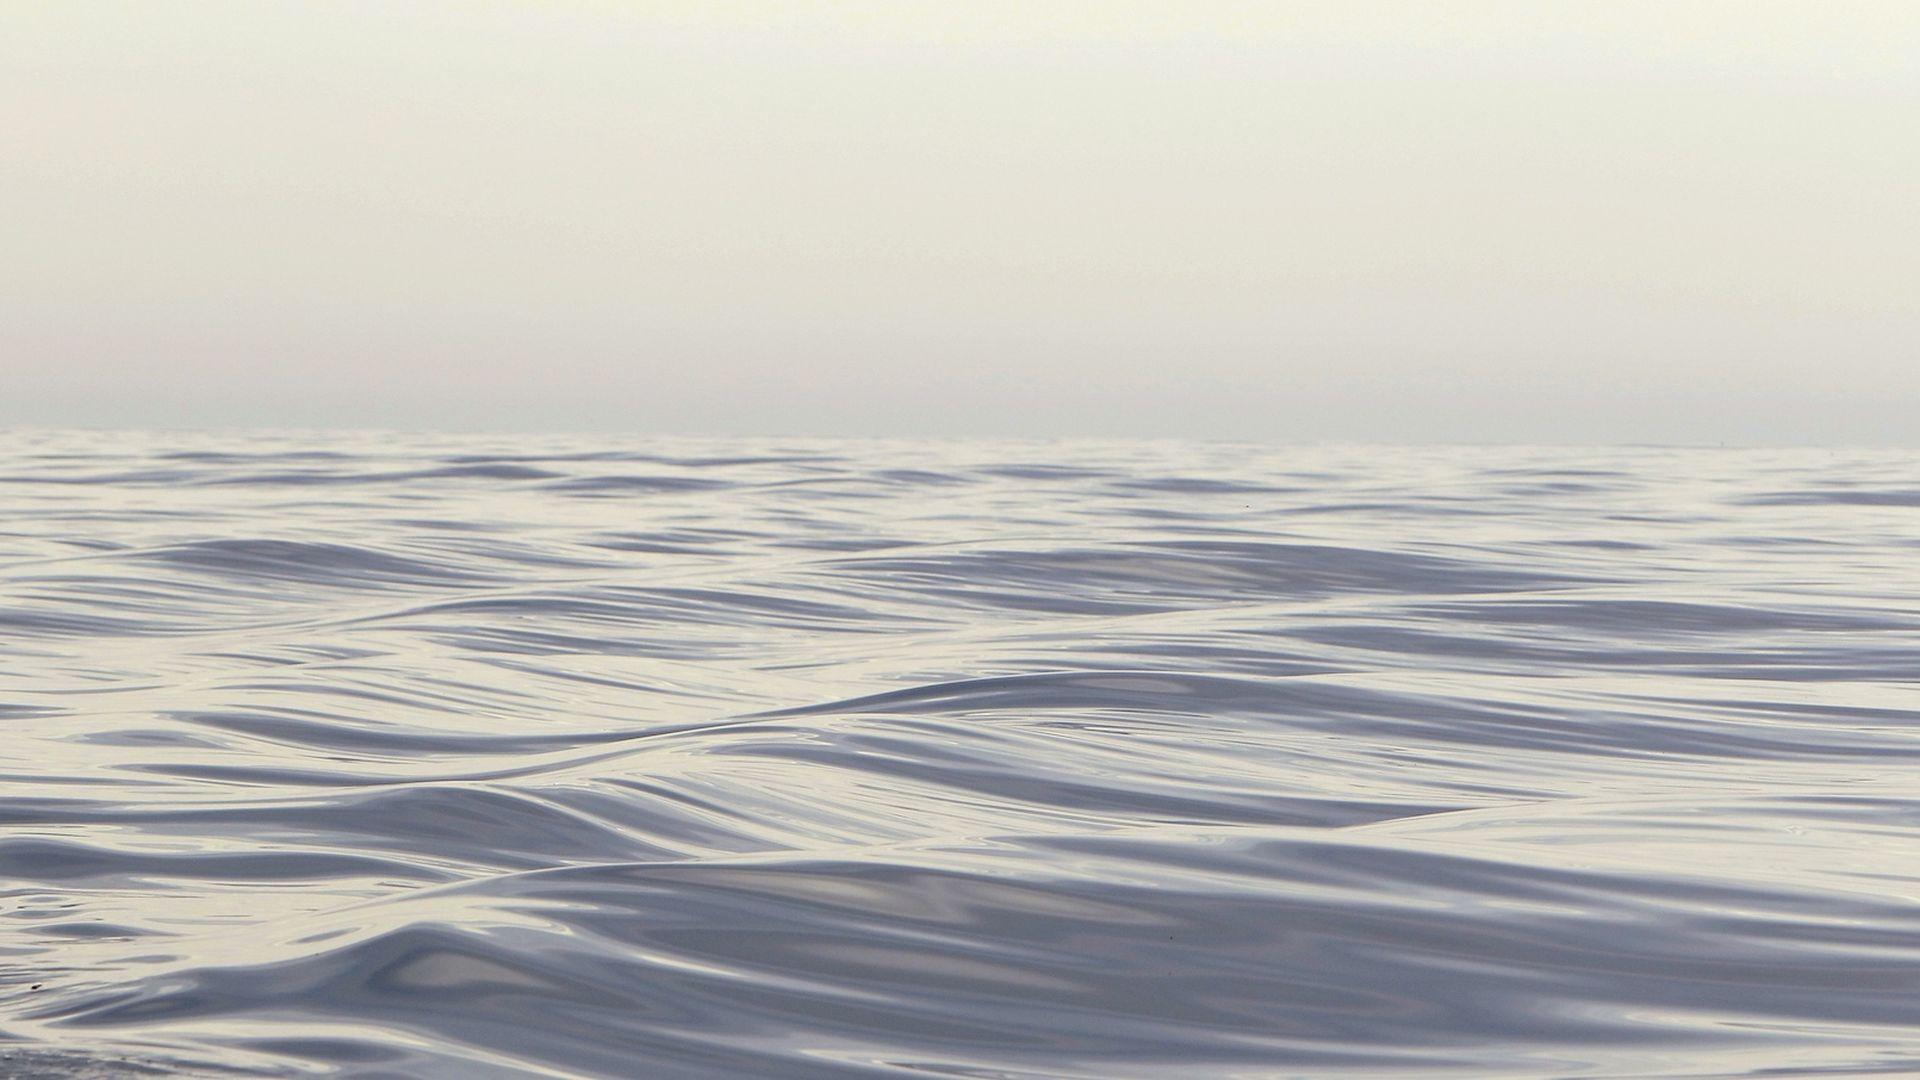 Ocean waves in the Atlantic